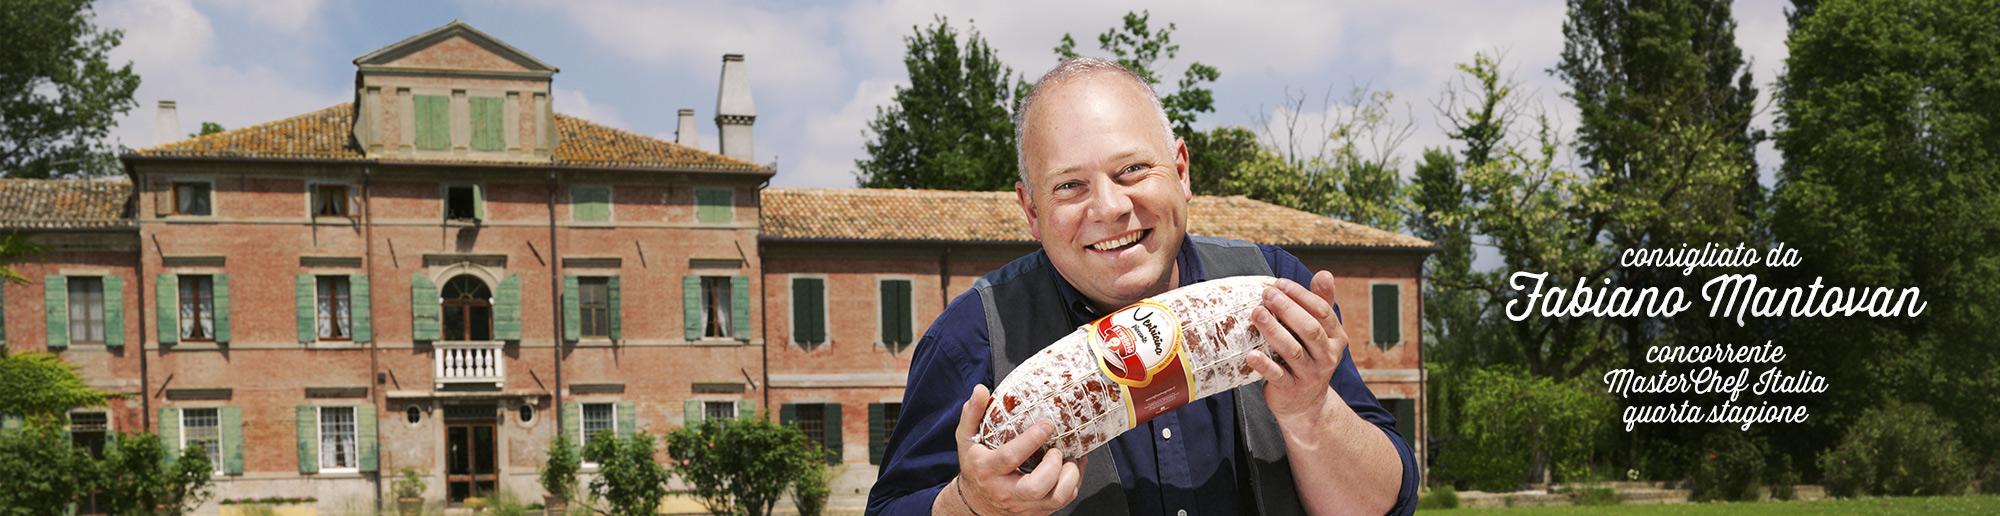 Salumificio M. Brugnolo Header